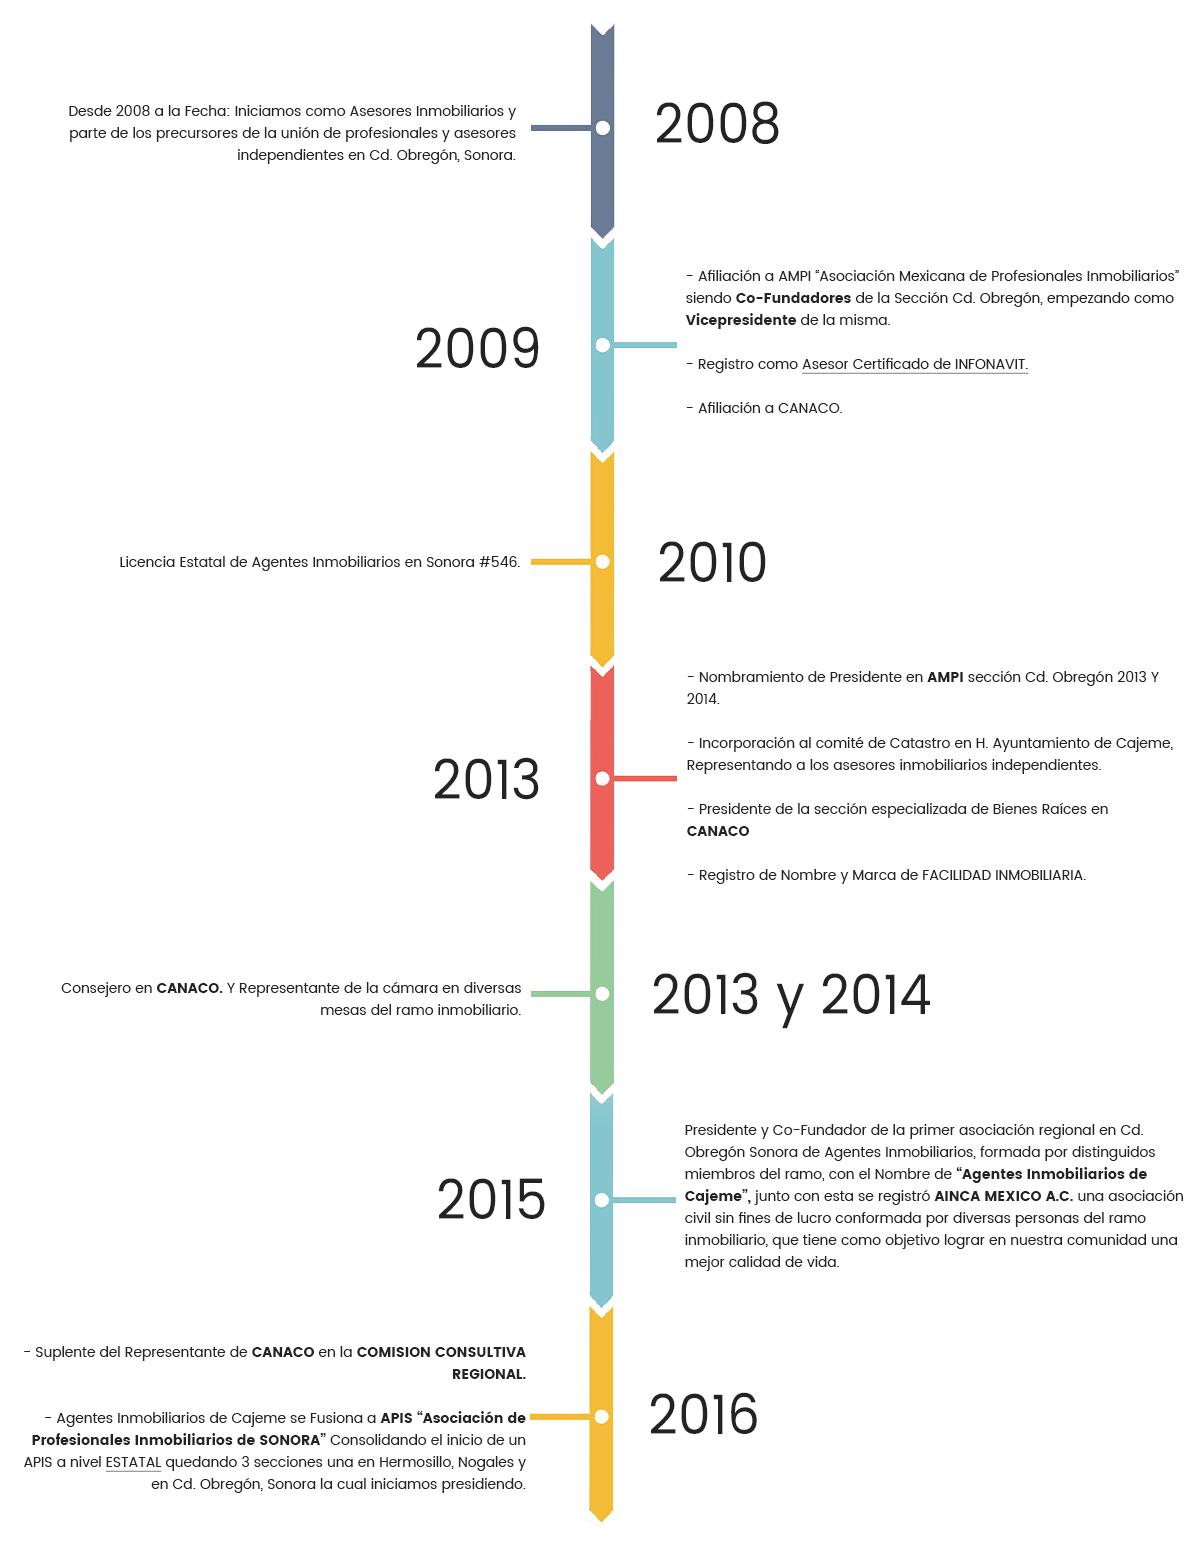 facilidad_inmobiliaria_quienes_somos_timeline_2